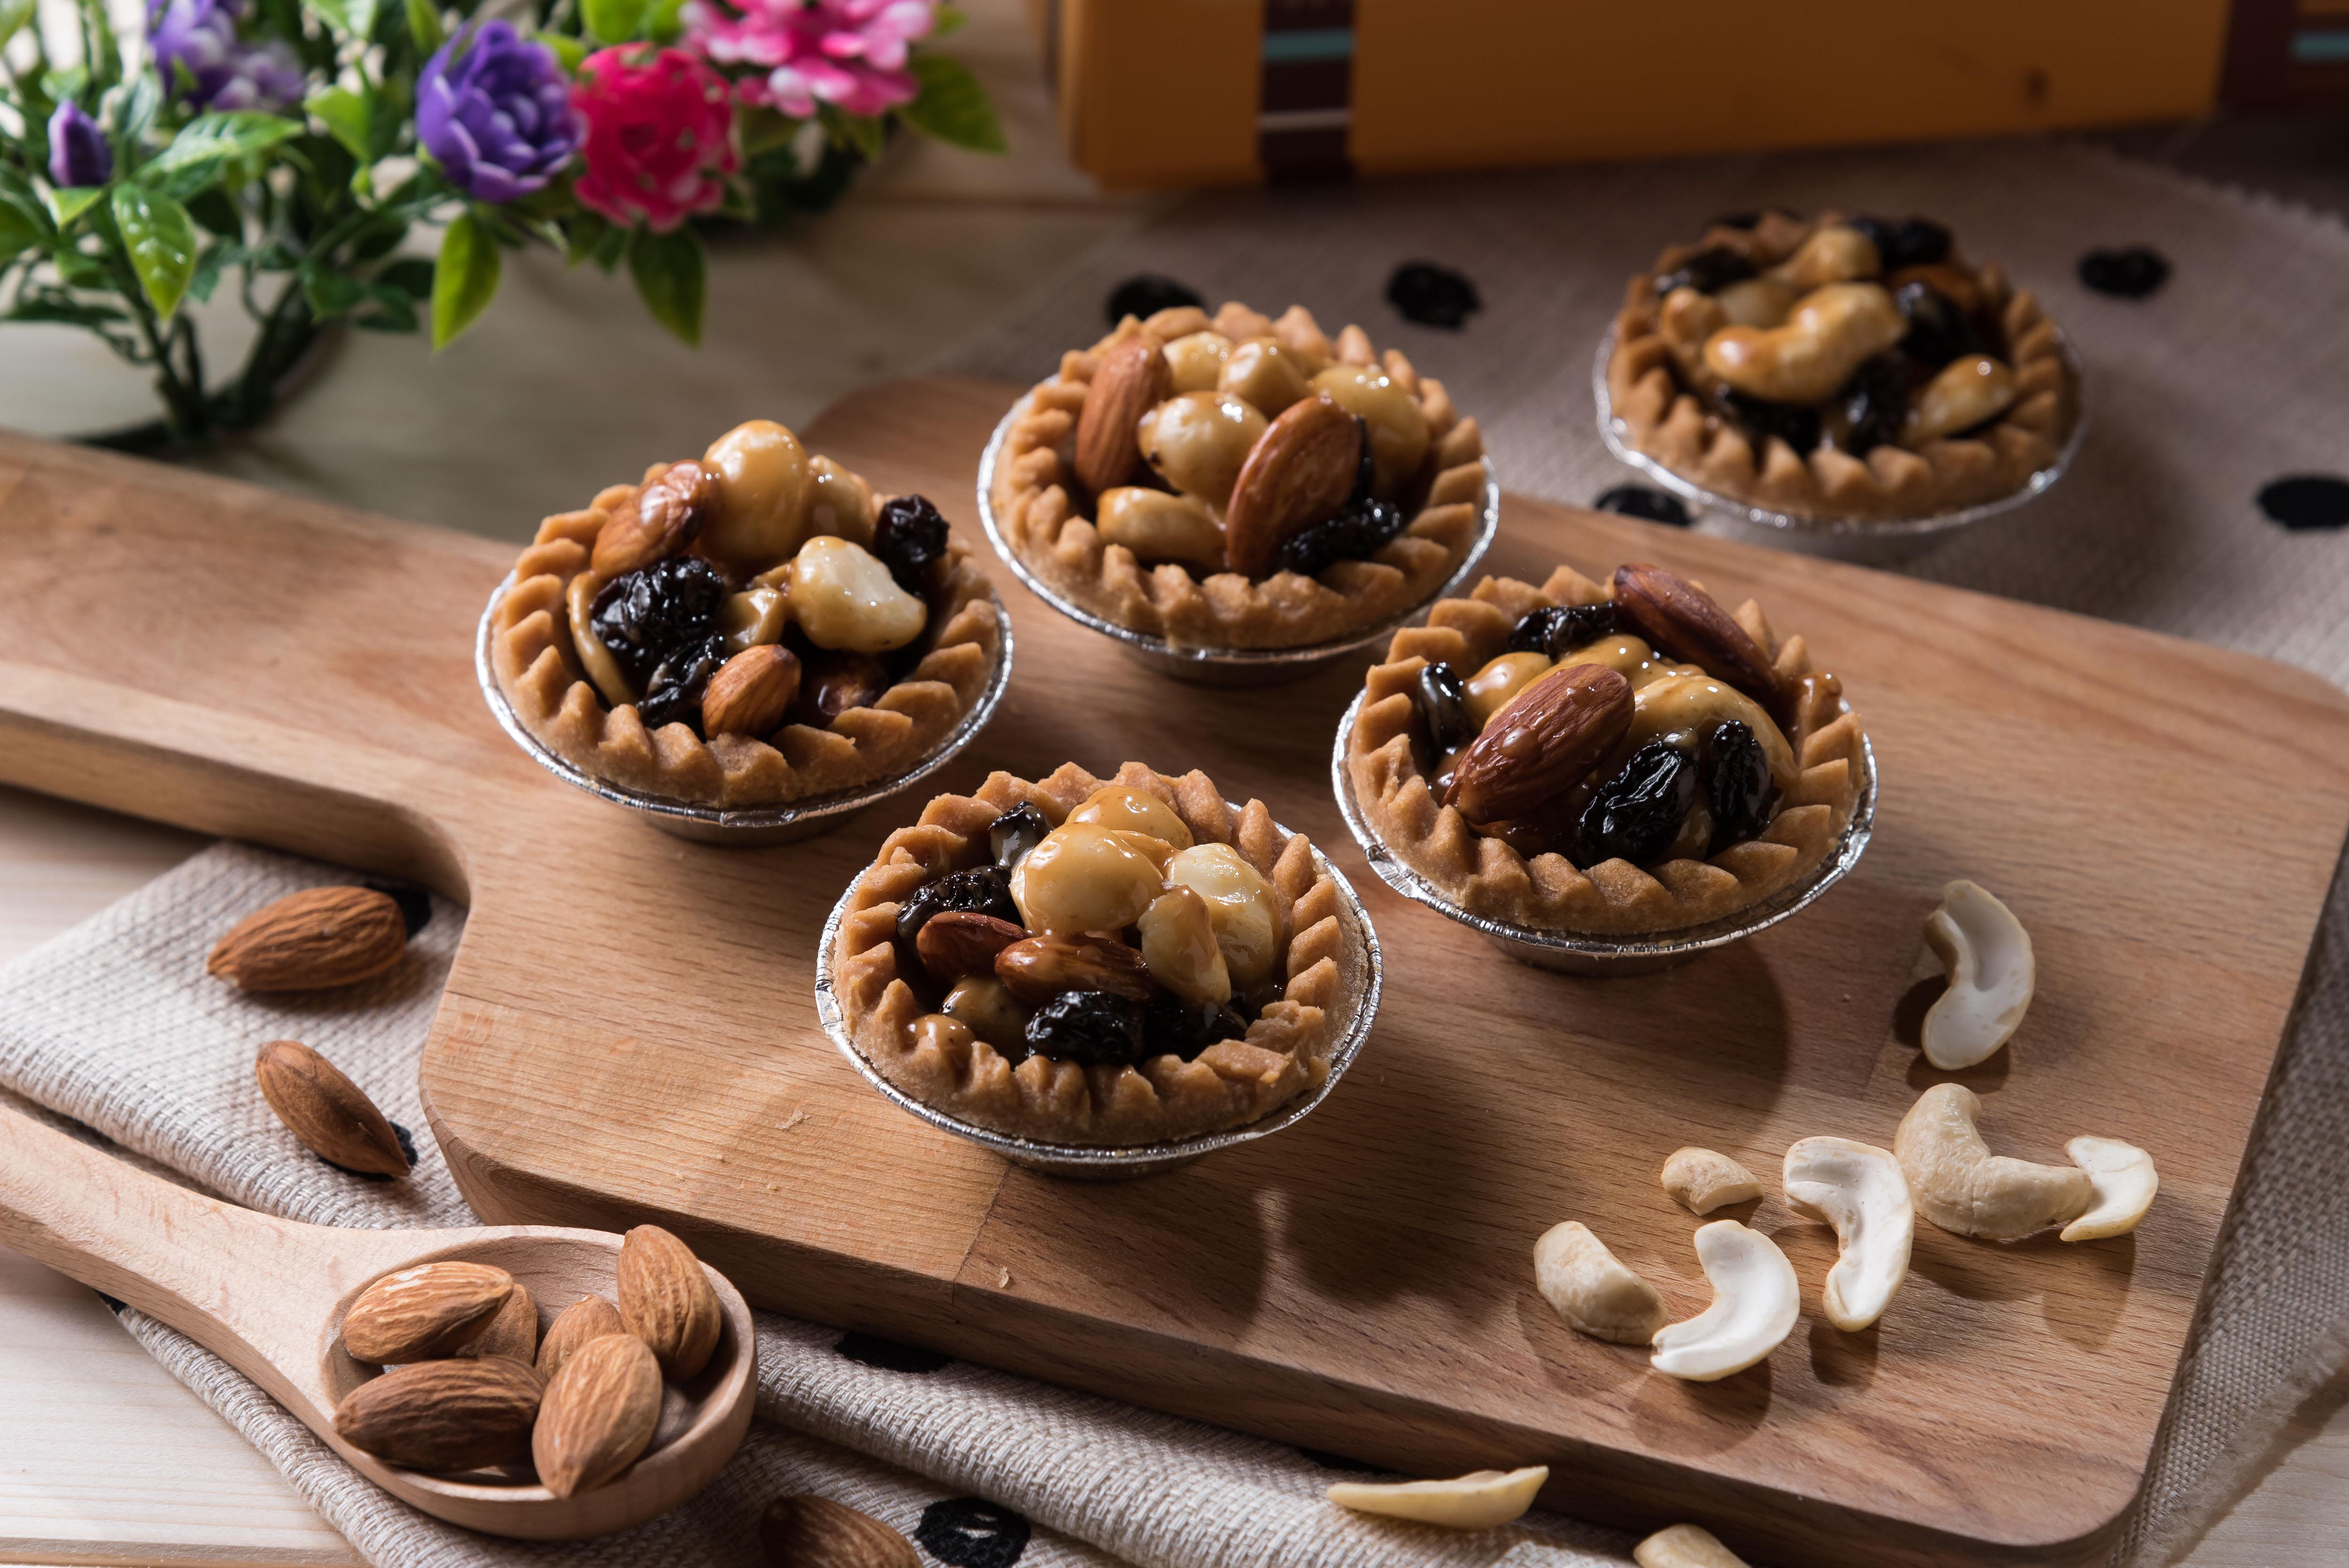 綜合堅果塔 6入/盒 ♡夏威夷果豆塔♡酥脆塔皮、健康蜂蜜糖漿♡下午茶、派對、伴手禮選擇